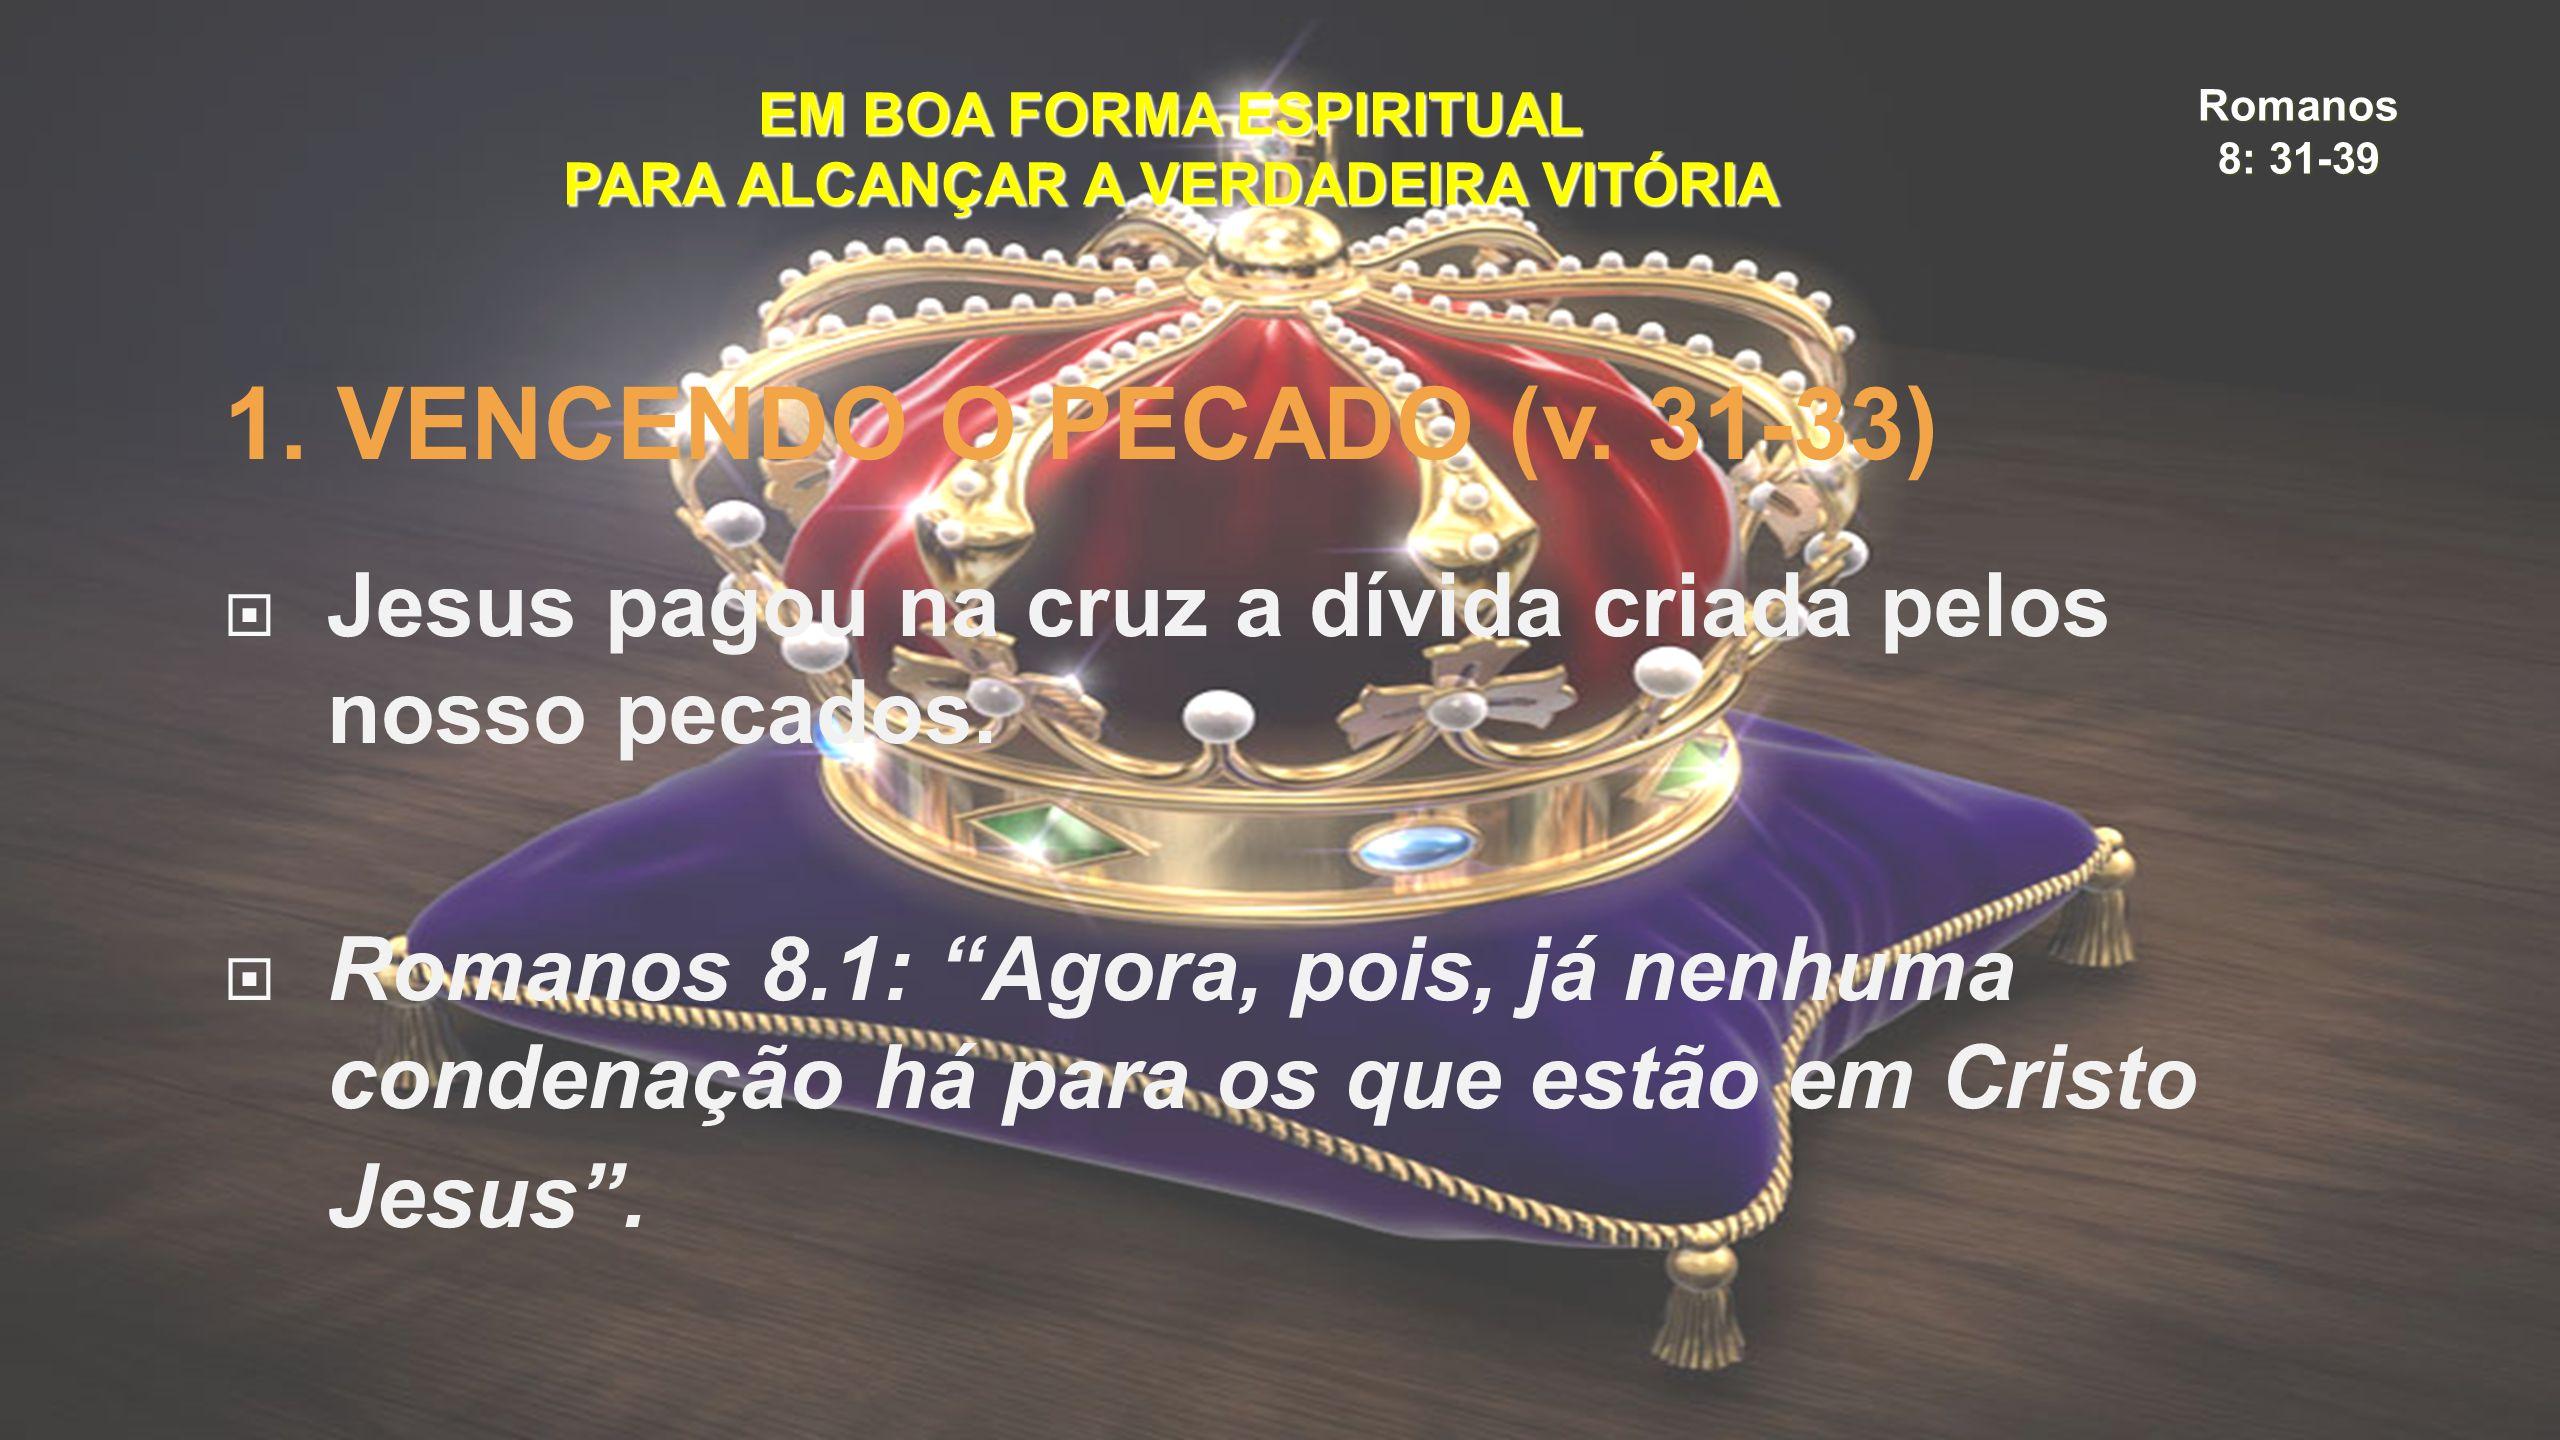 Romanos 8: 31-39 EM BOA FORMA ESPIRITUAL PARA ALCANÇAR A VERDADEIRA VITÓRIA 1. VENCENDO O PECADO (v. 31-33)  Jesus pagou na cruz a dívida criada pelo